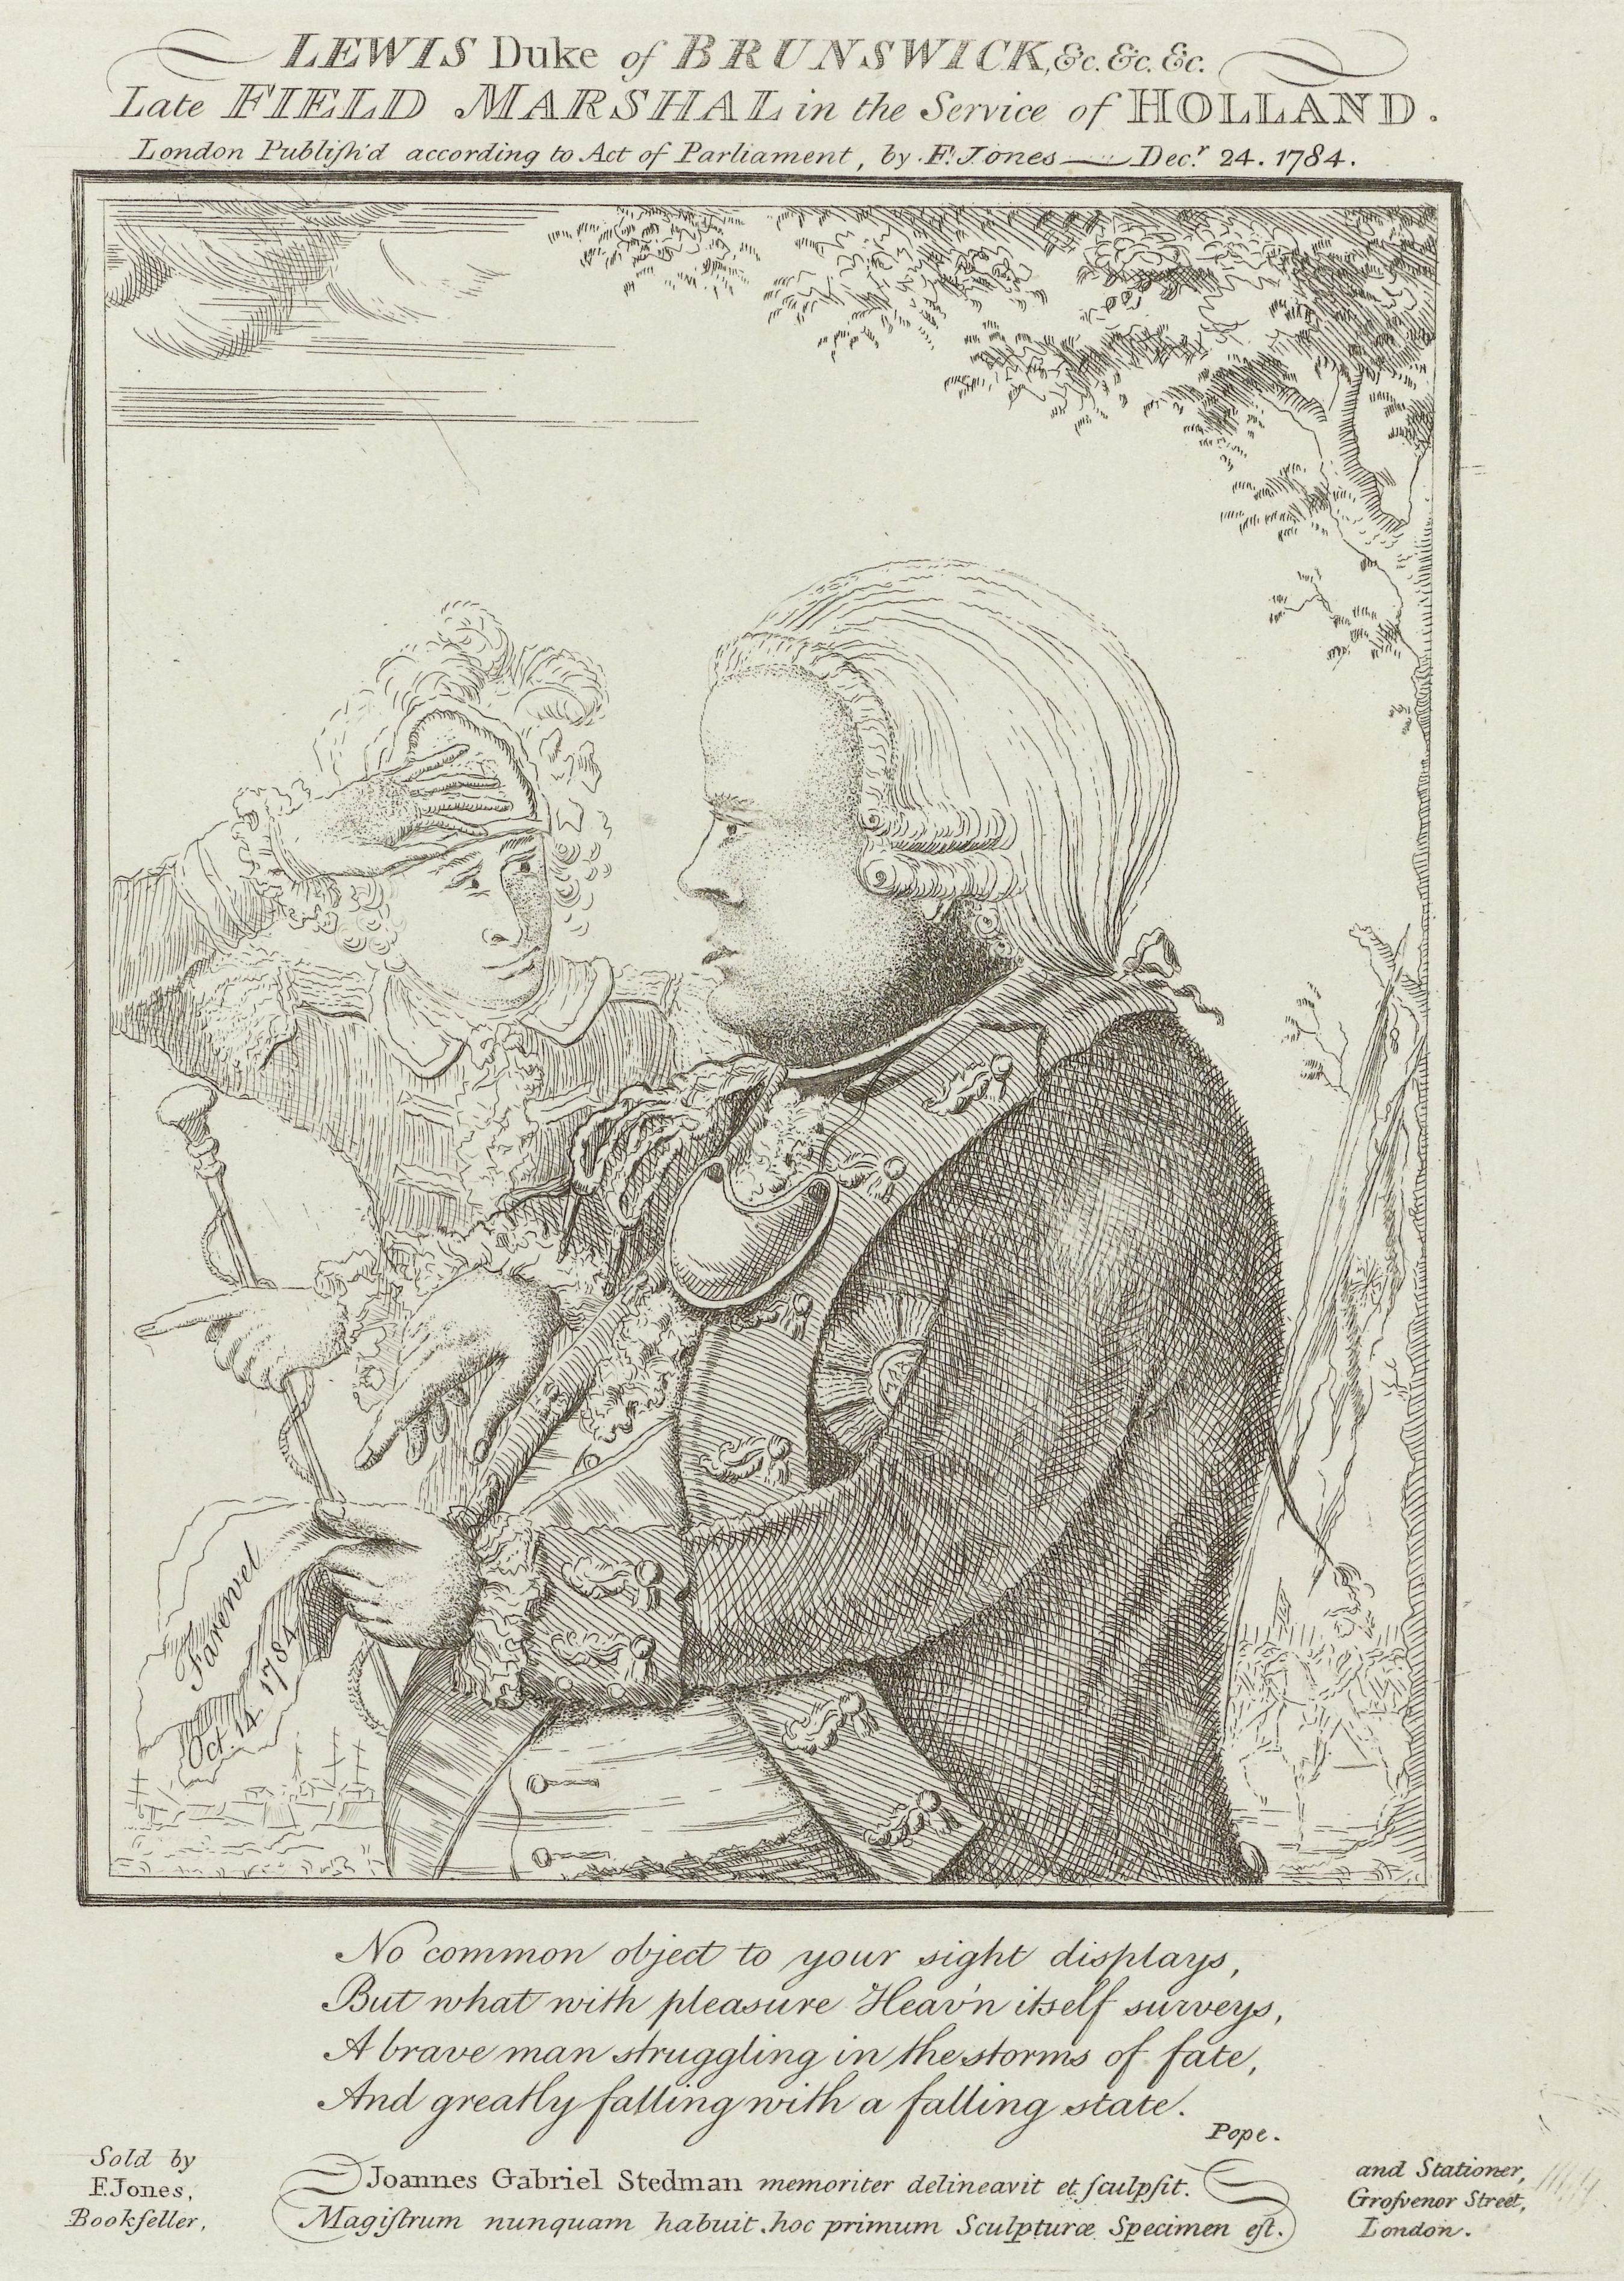 Spotprent op het vertrek van de hertog van Brunswijk uit Nederland, 1784, John Gabriël Stedman, 1784 RP-P-OB-85.362